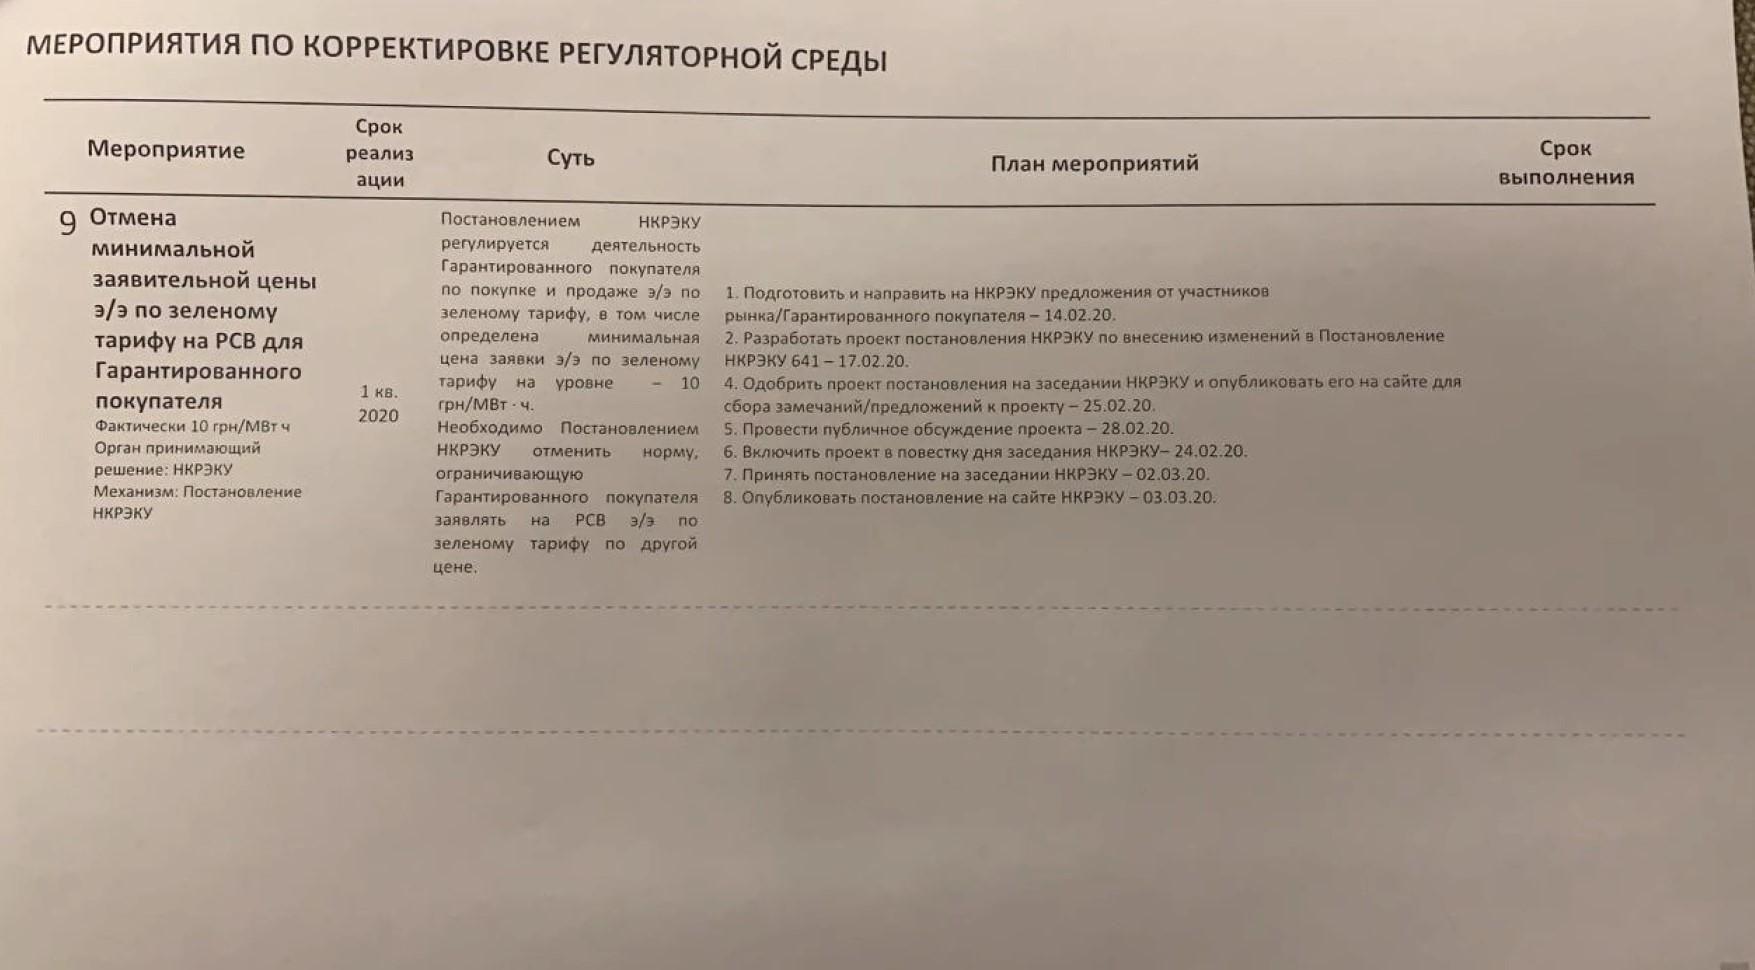 дтек ахметов лещенко